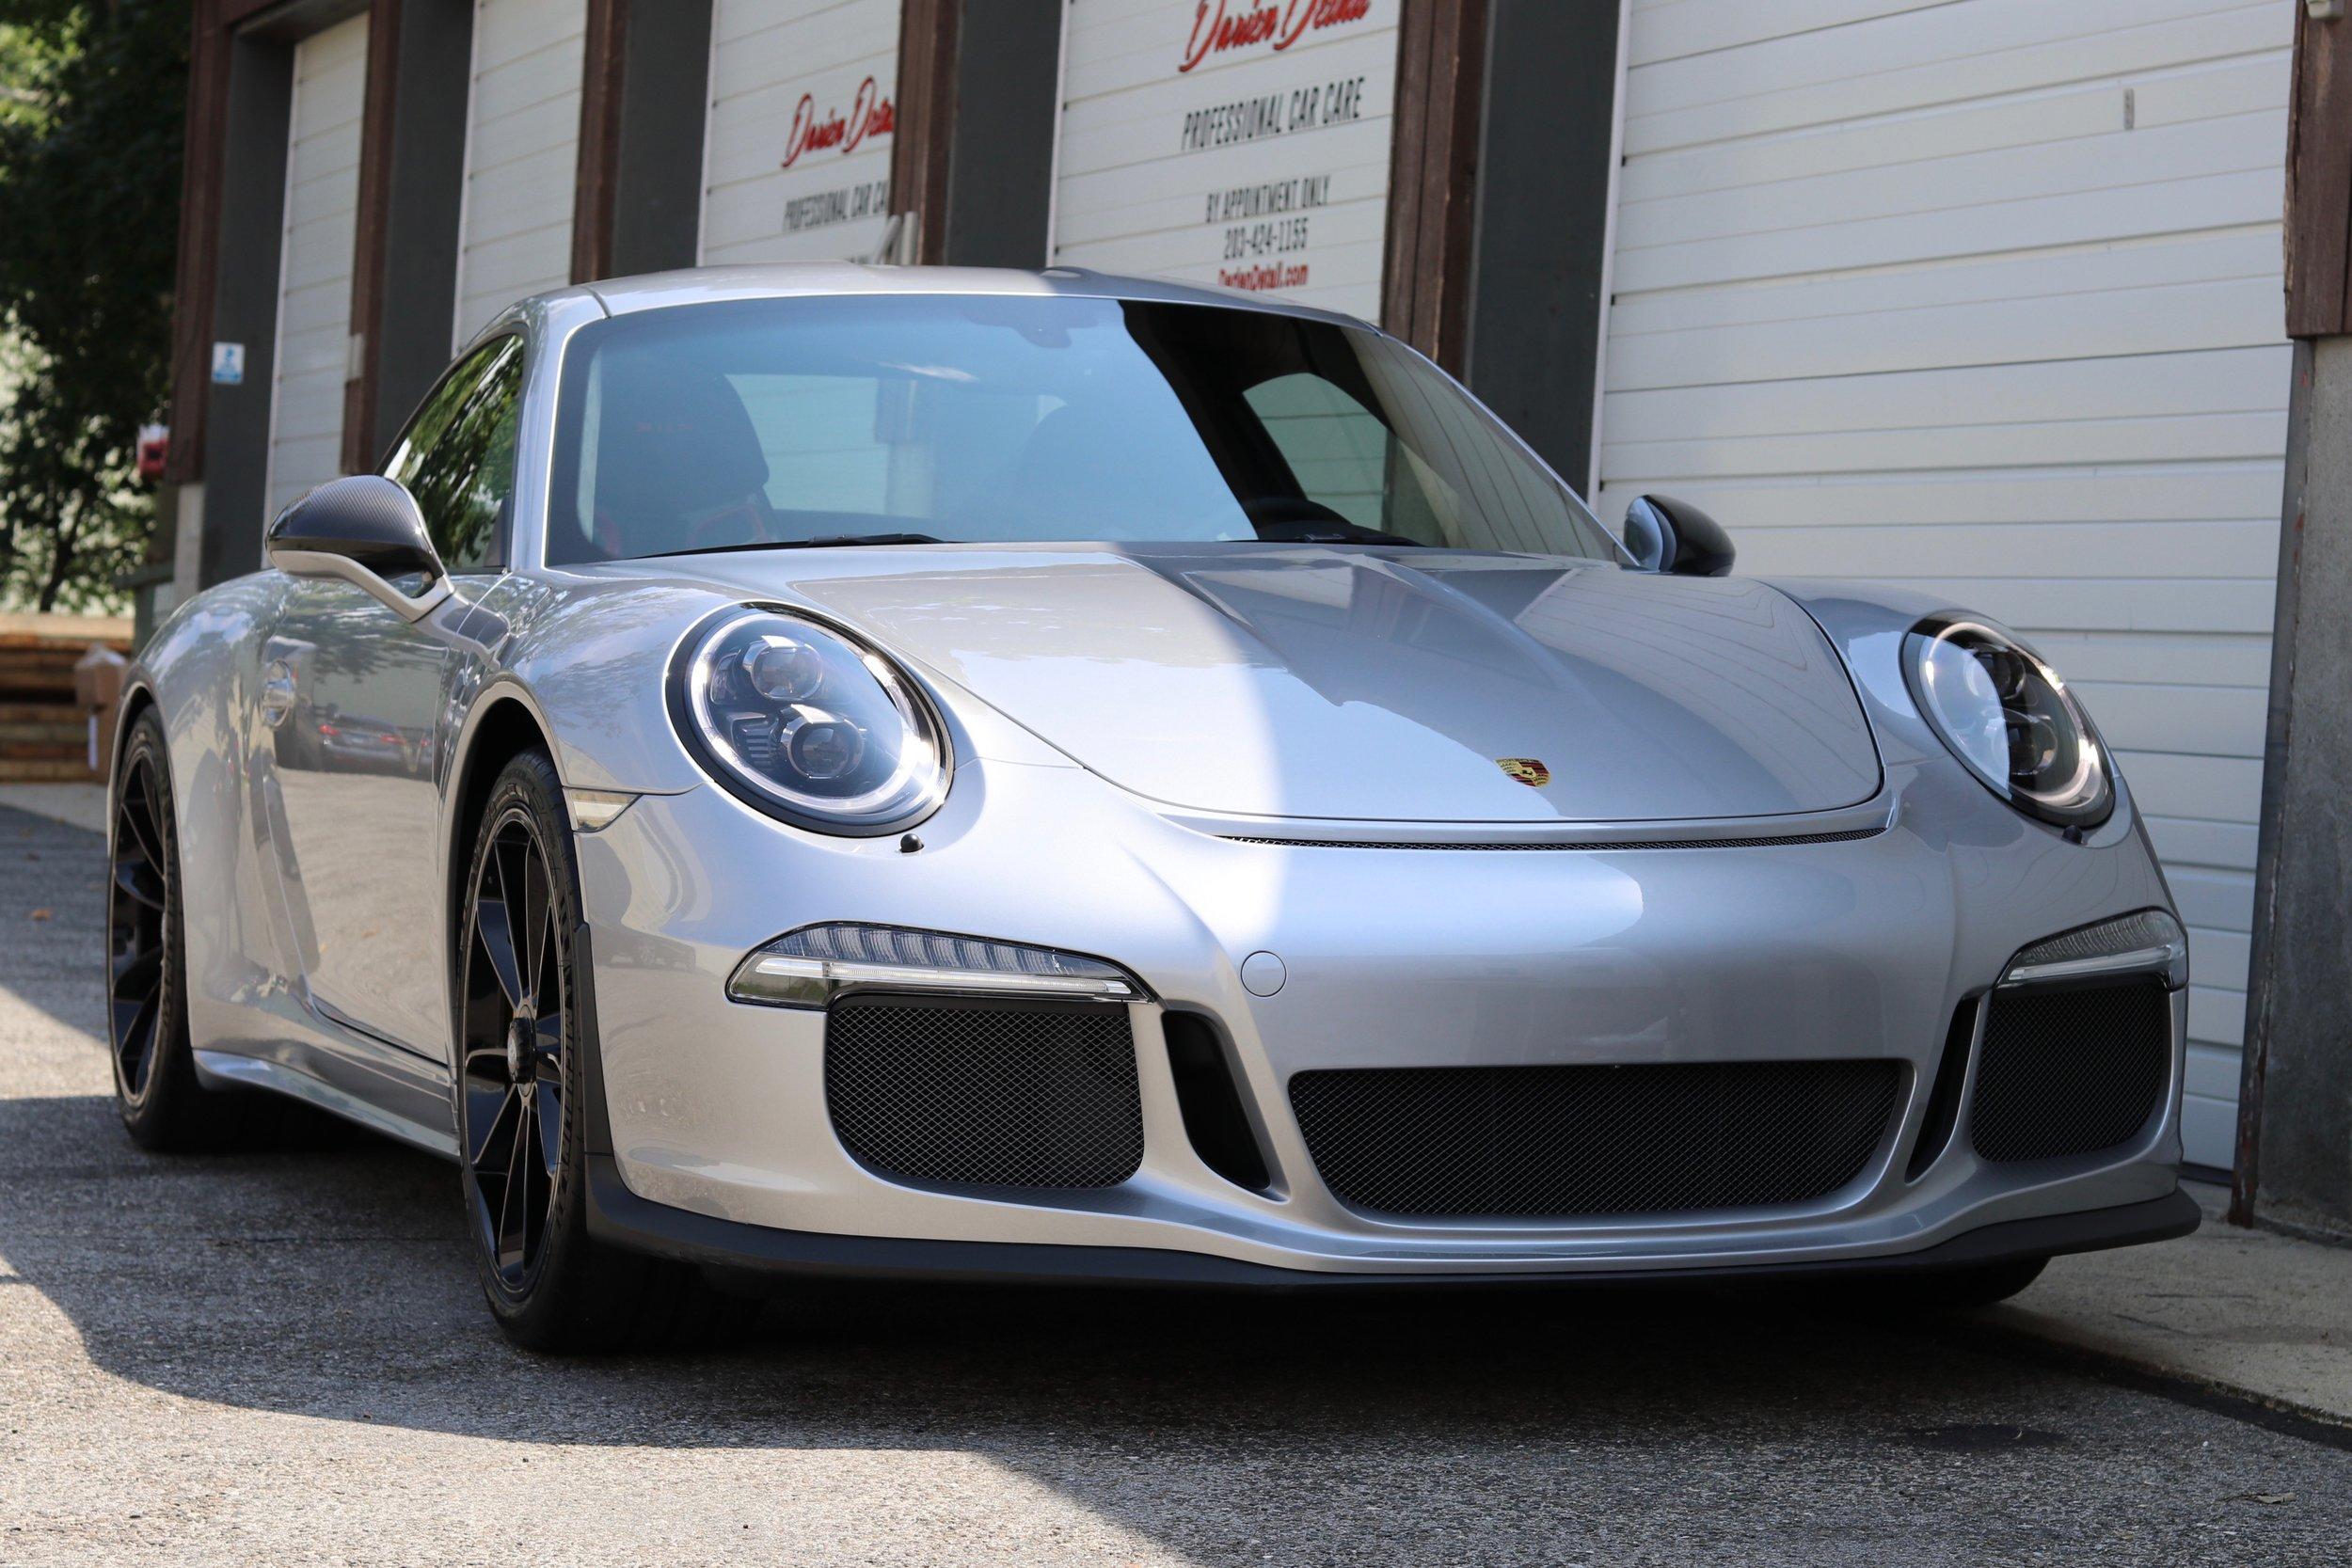 Silver Porsche 911 R - Paint Correction - Paint Protection Film - CQuartz Finest Reserve